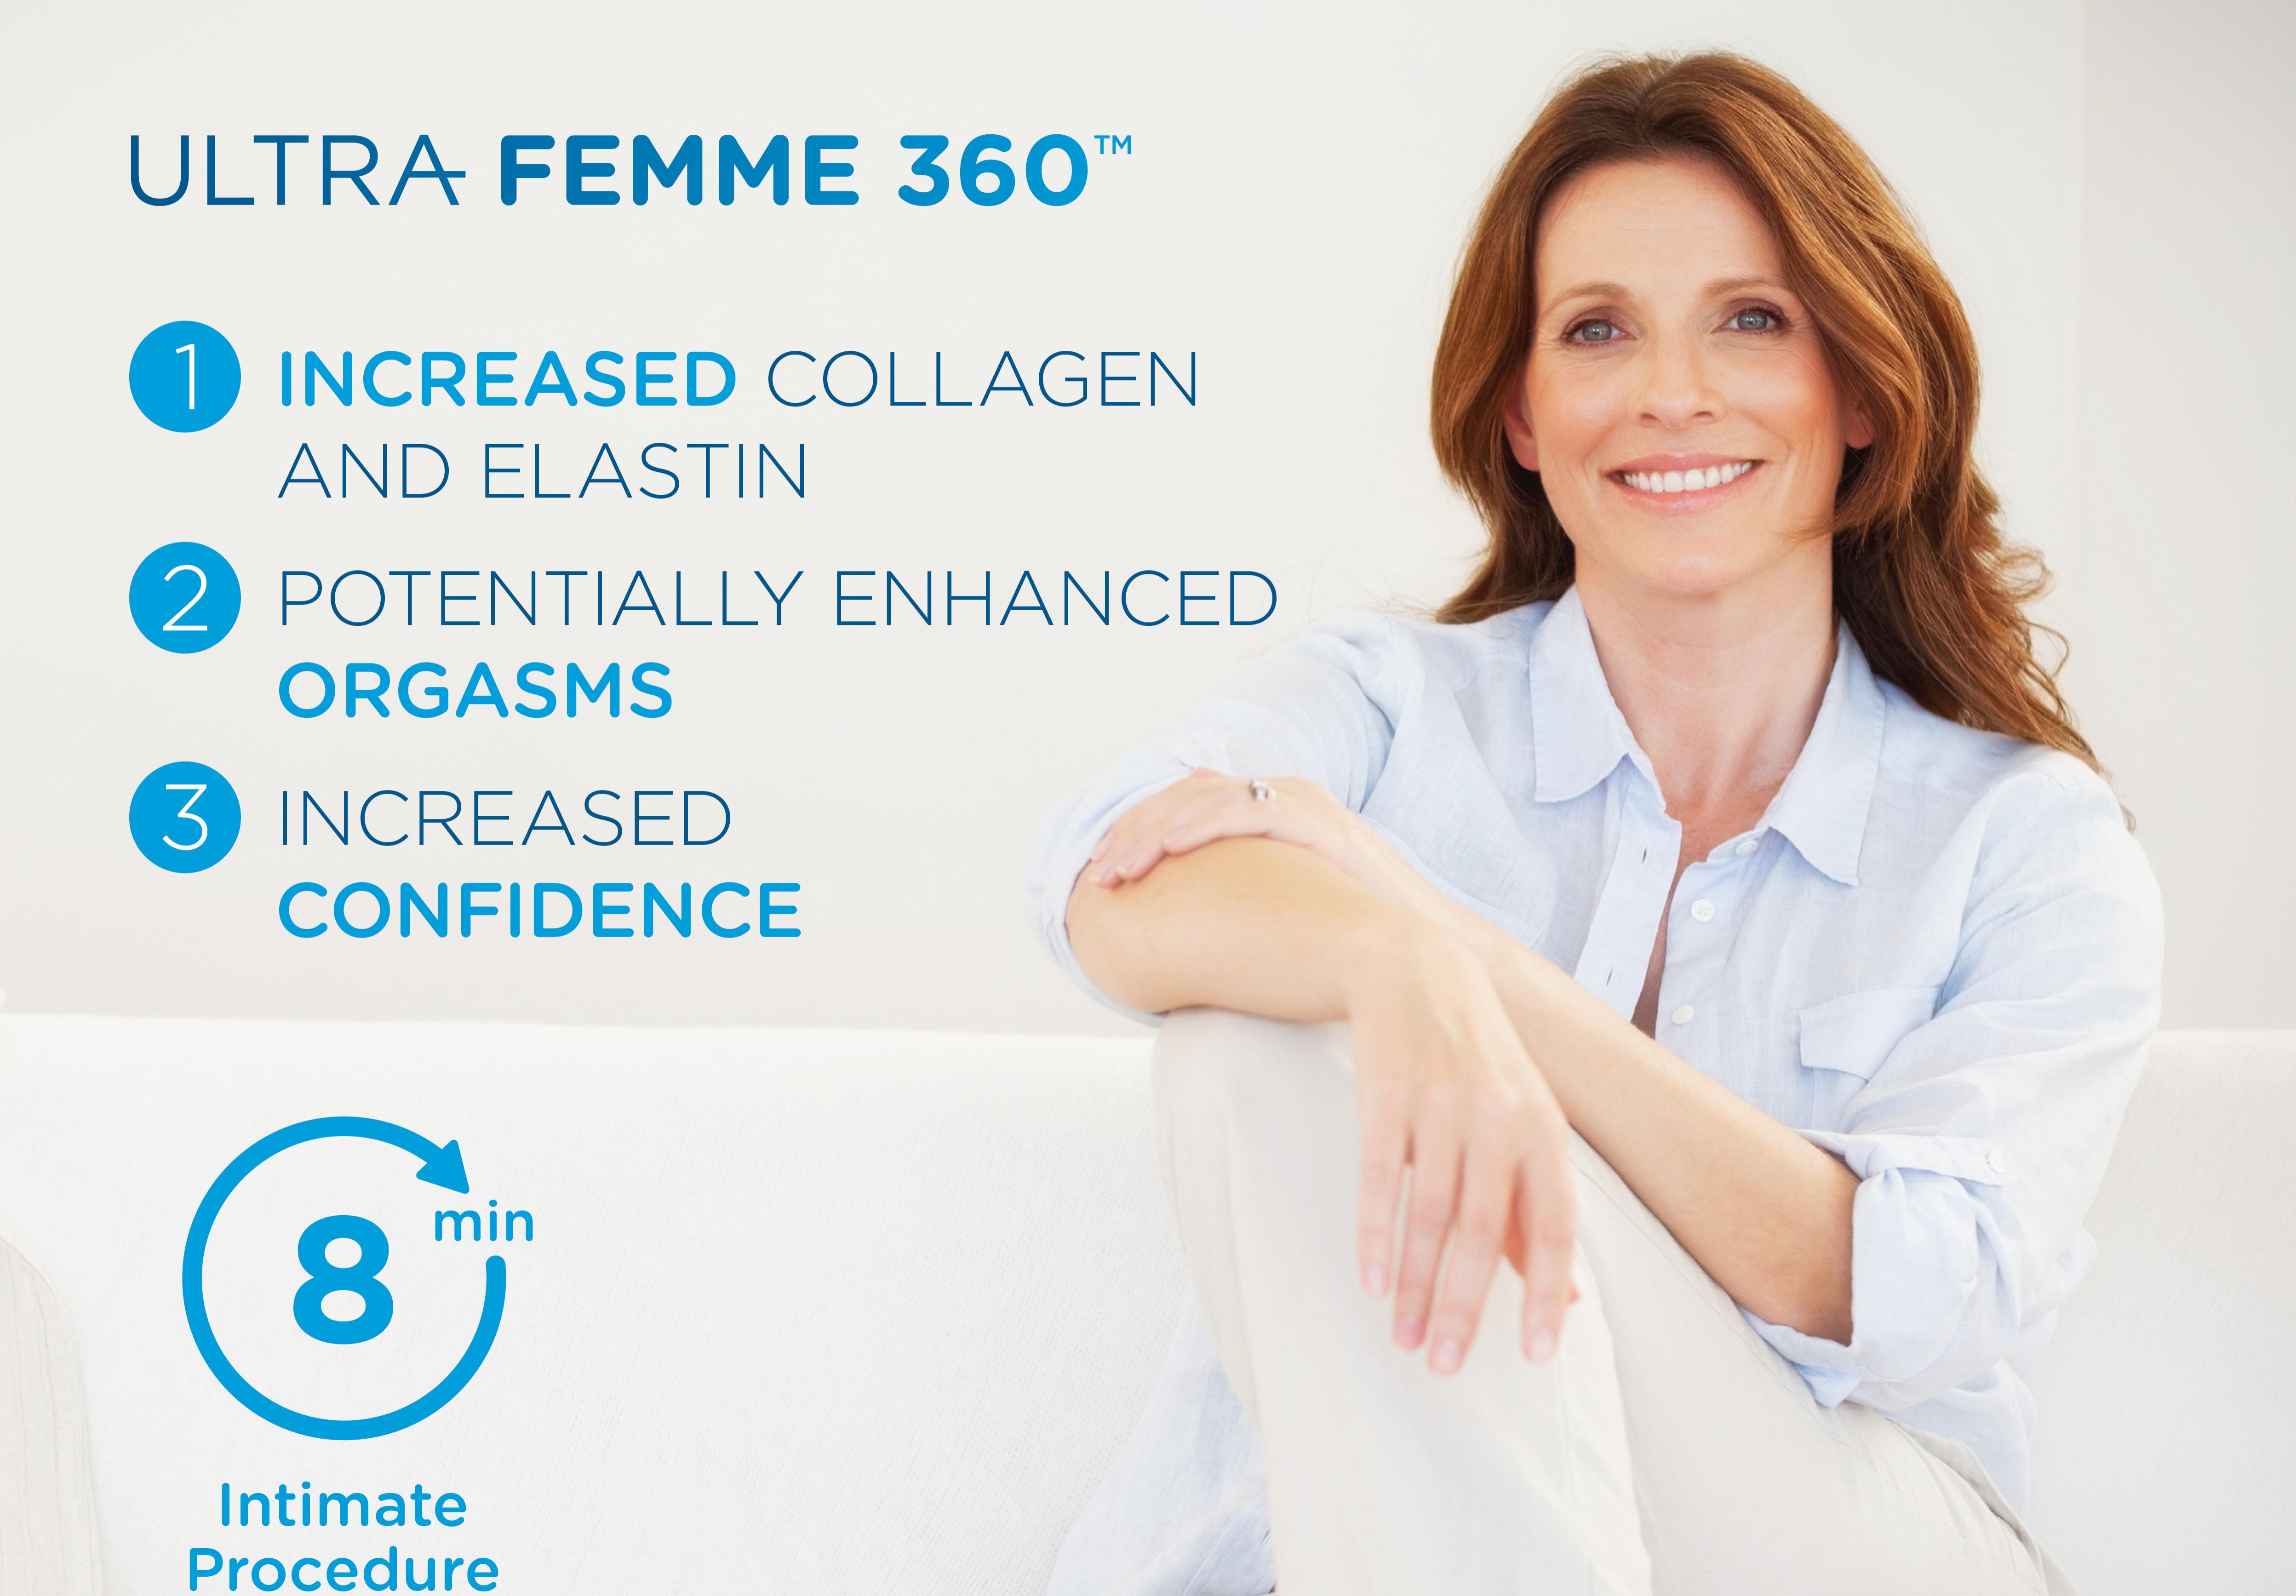 Ultra Femme 360 Benefits